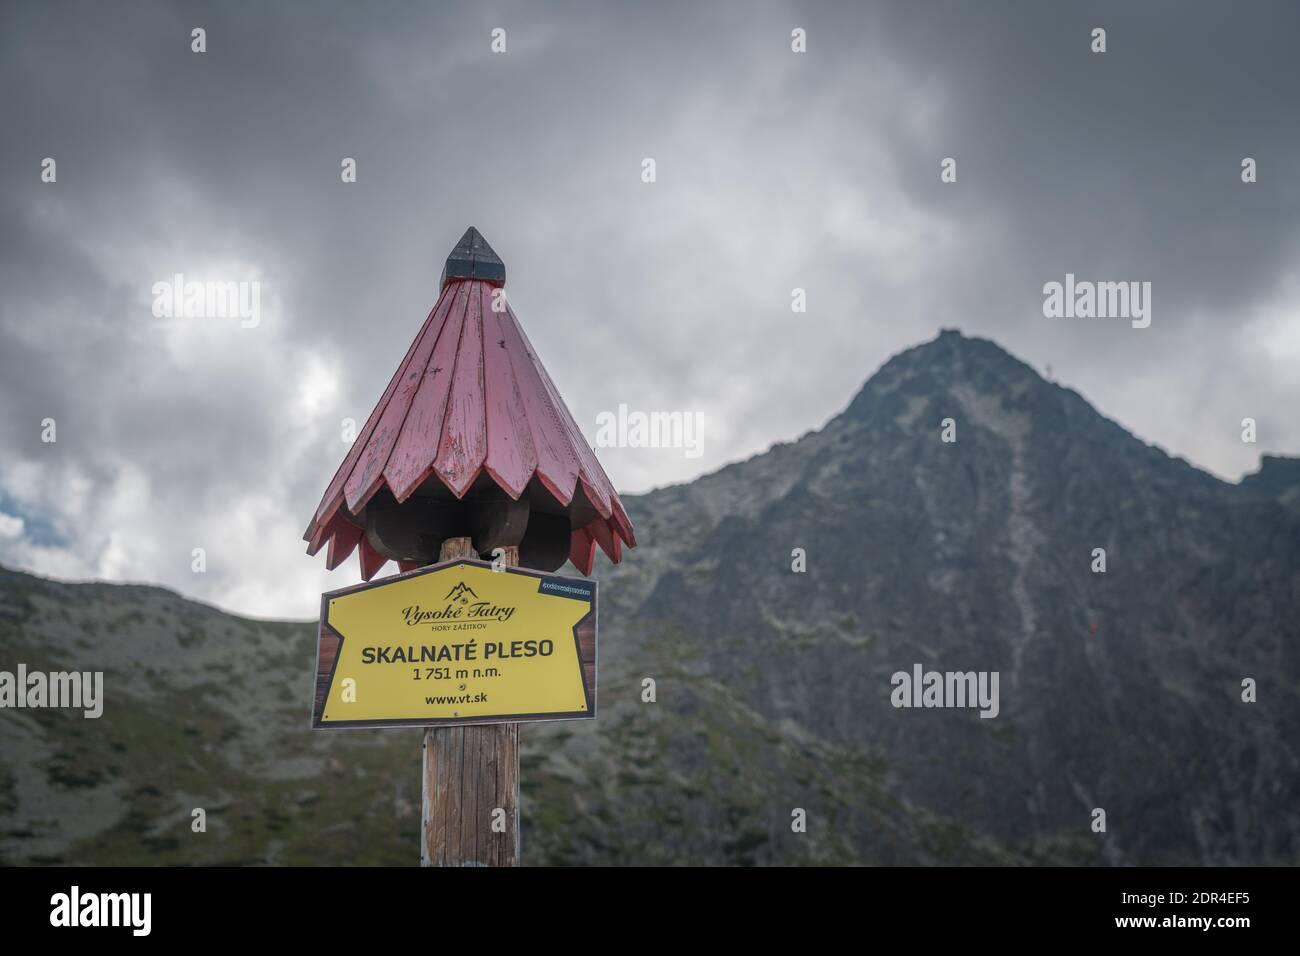 TATRANSKA LOMNICA, SLOWAKEI, AUGUST 2020 - Skalnate pleso Zeichen auf Holzmast mit Dach in der Slowakei. Es ist ein See in der Hohen Tatra Stockfoto